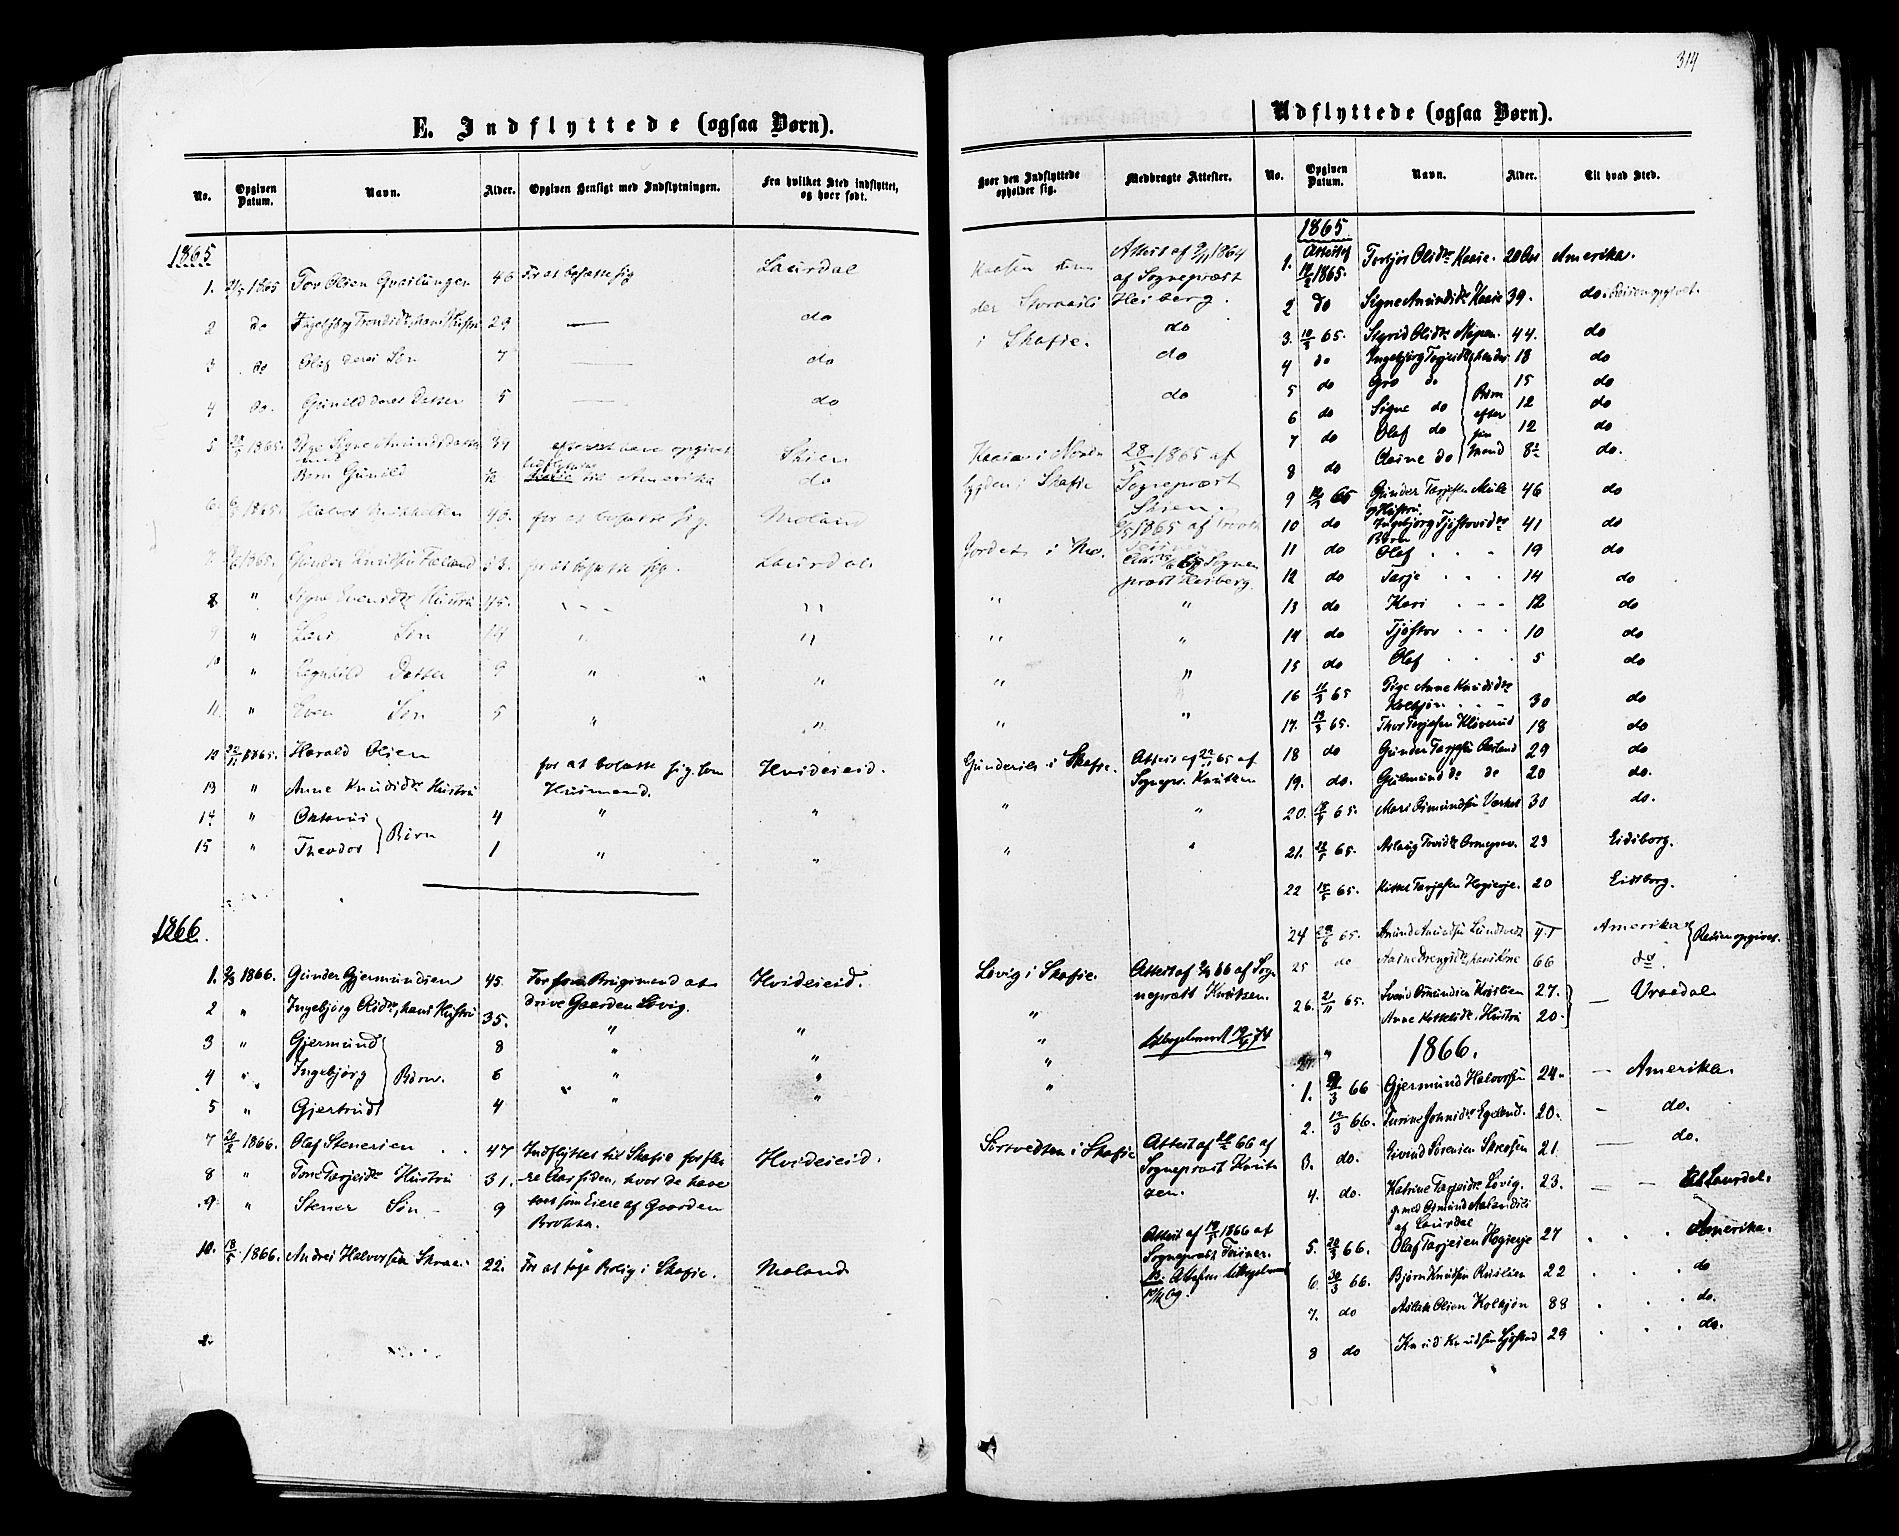 SAKO, Mo kirkebøker, F/Fa/L0006: Ministerialbok nr. I 6, 1865-1885, s. 314